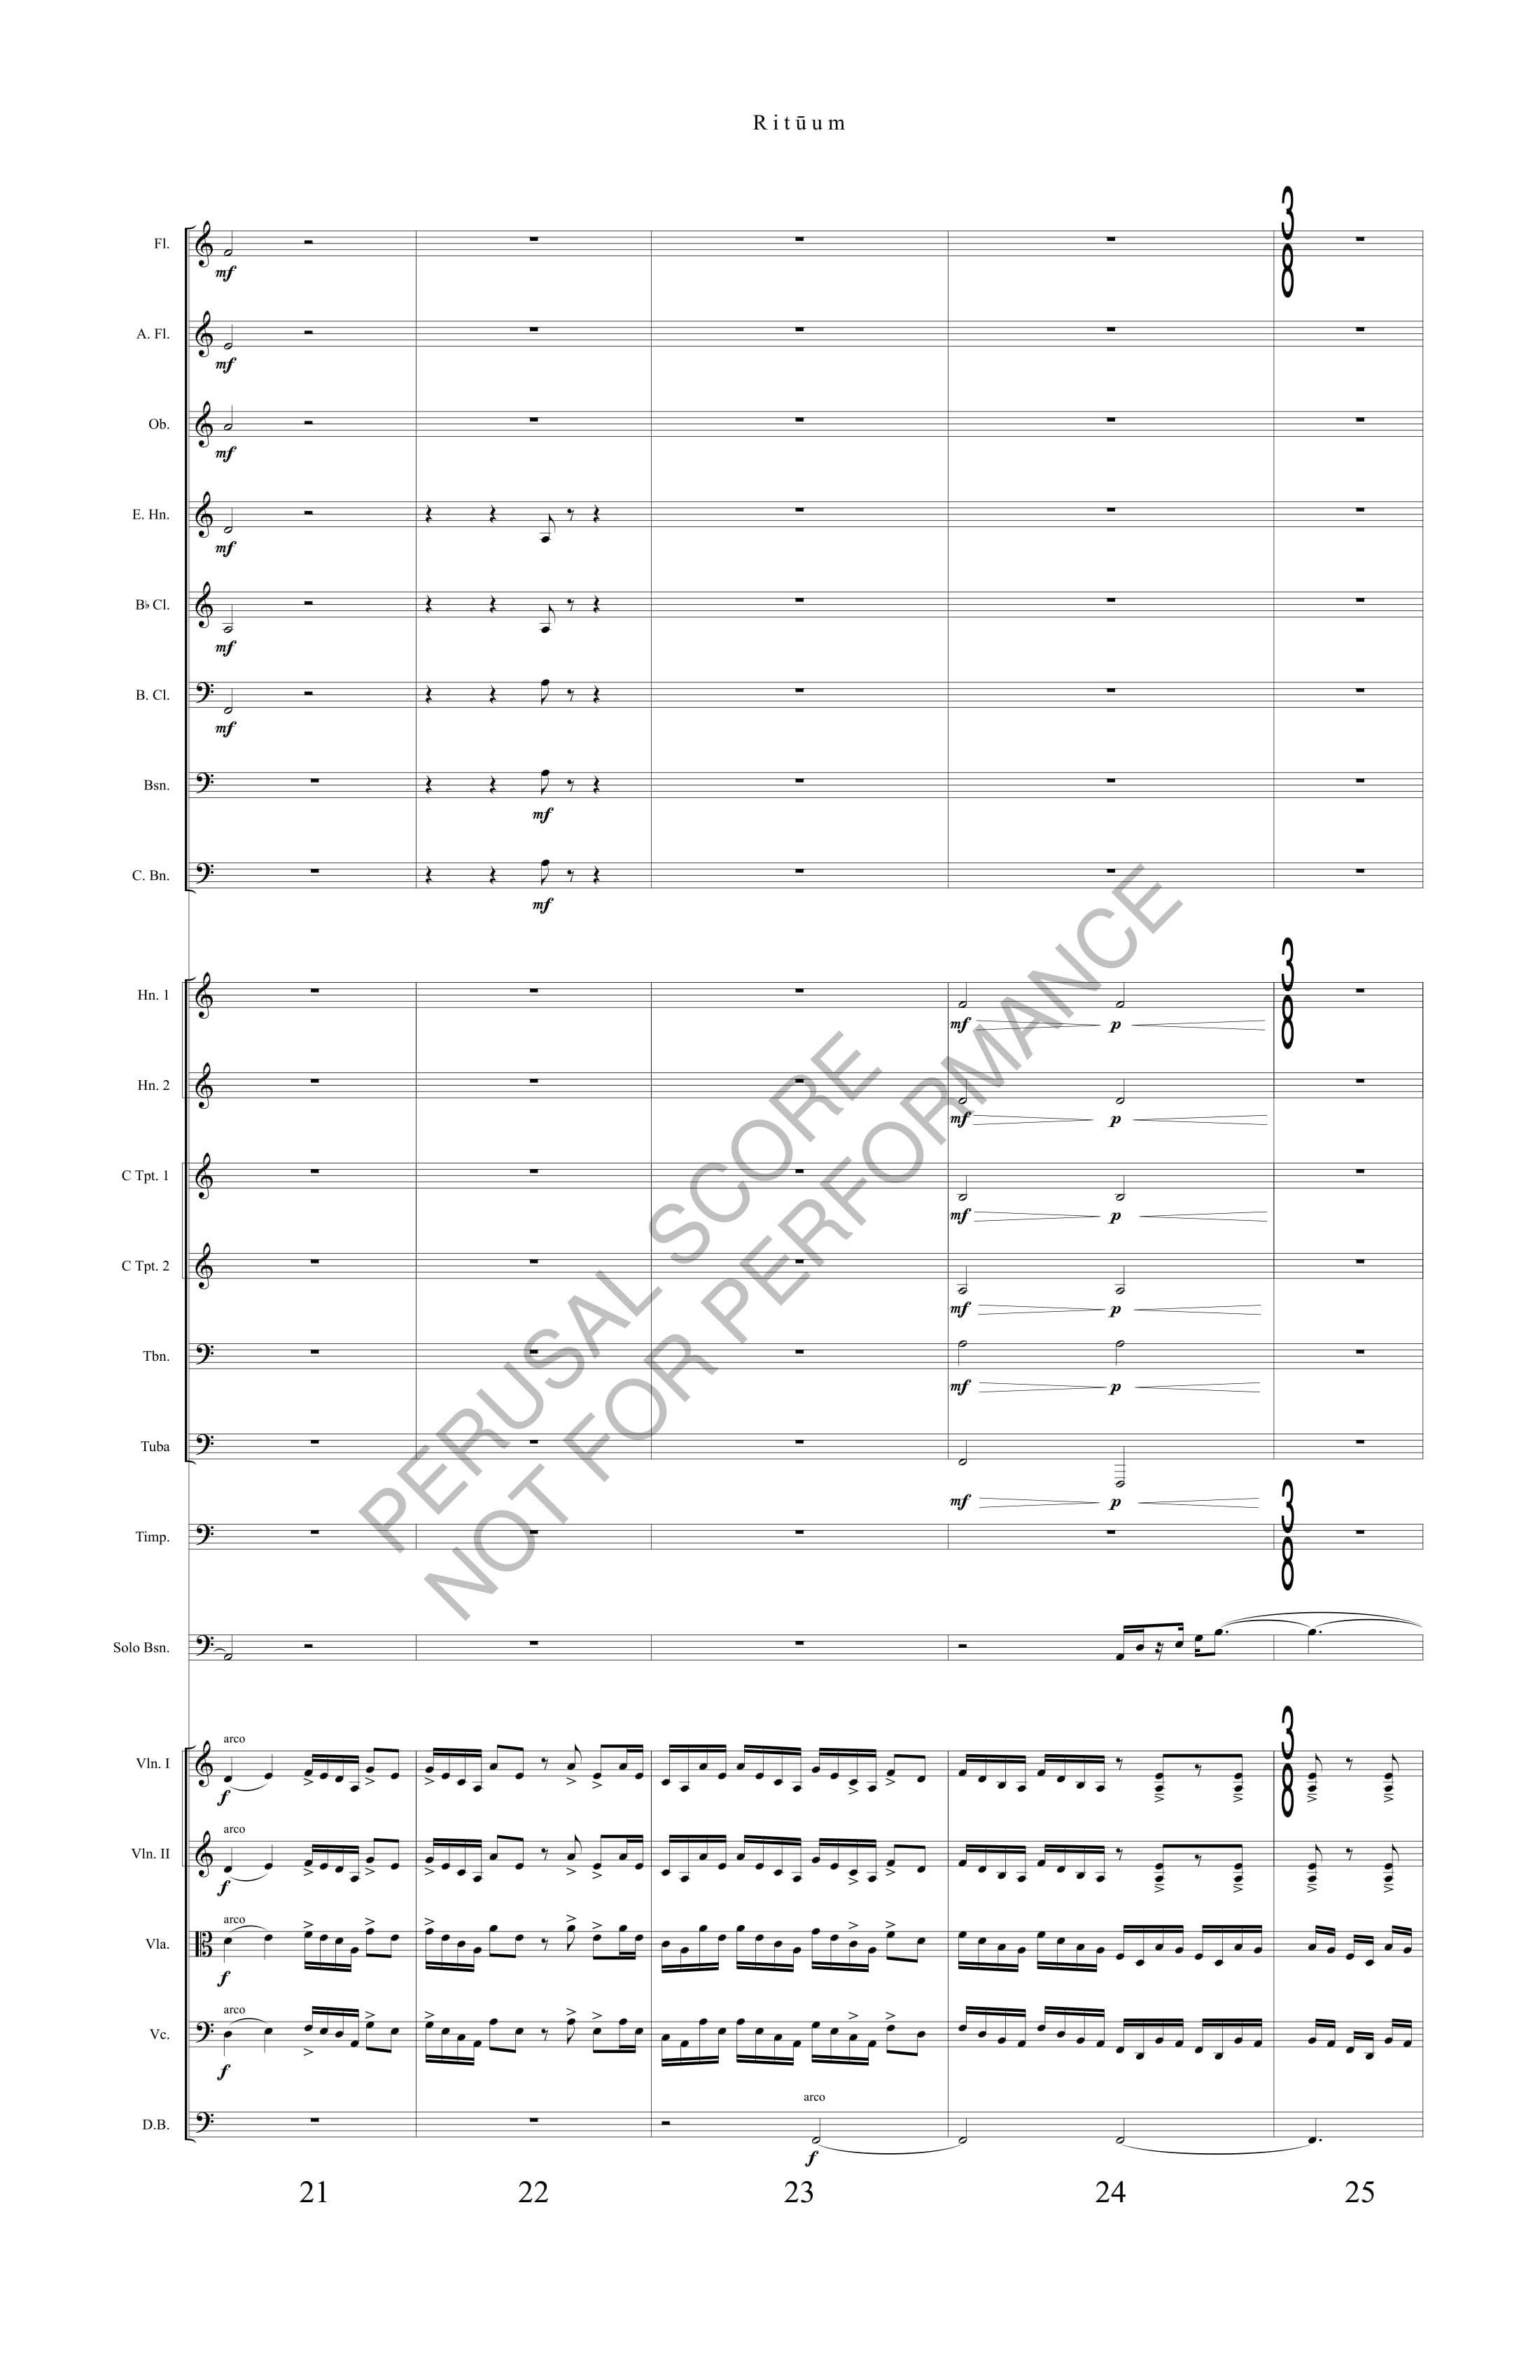 Boyd Rituum Score-watermark (1)-11.jpg